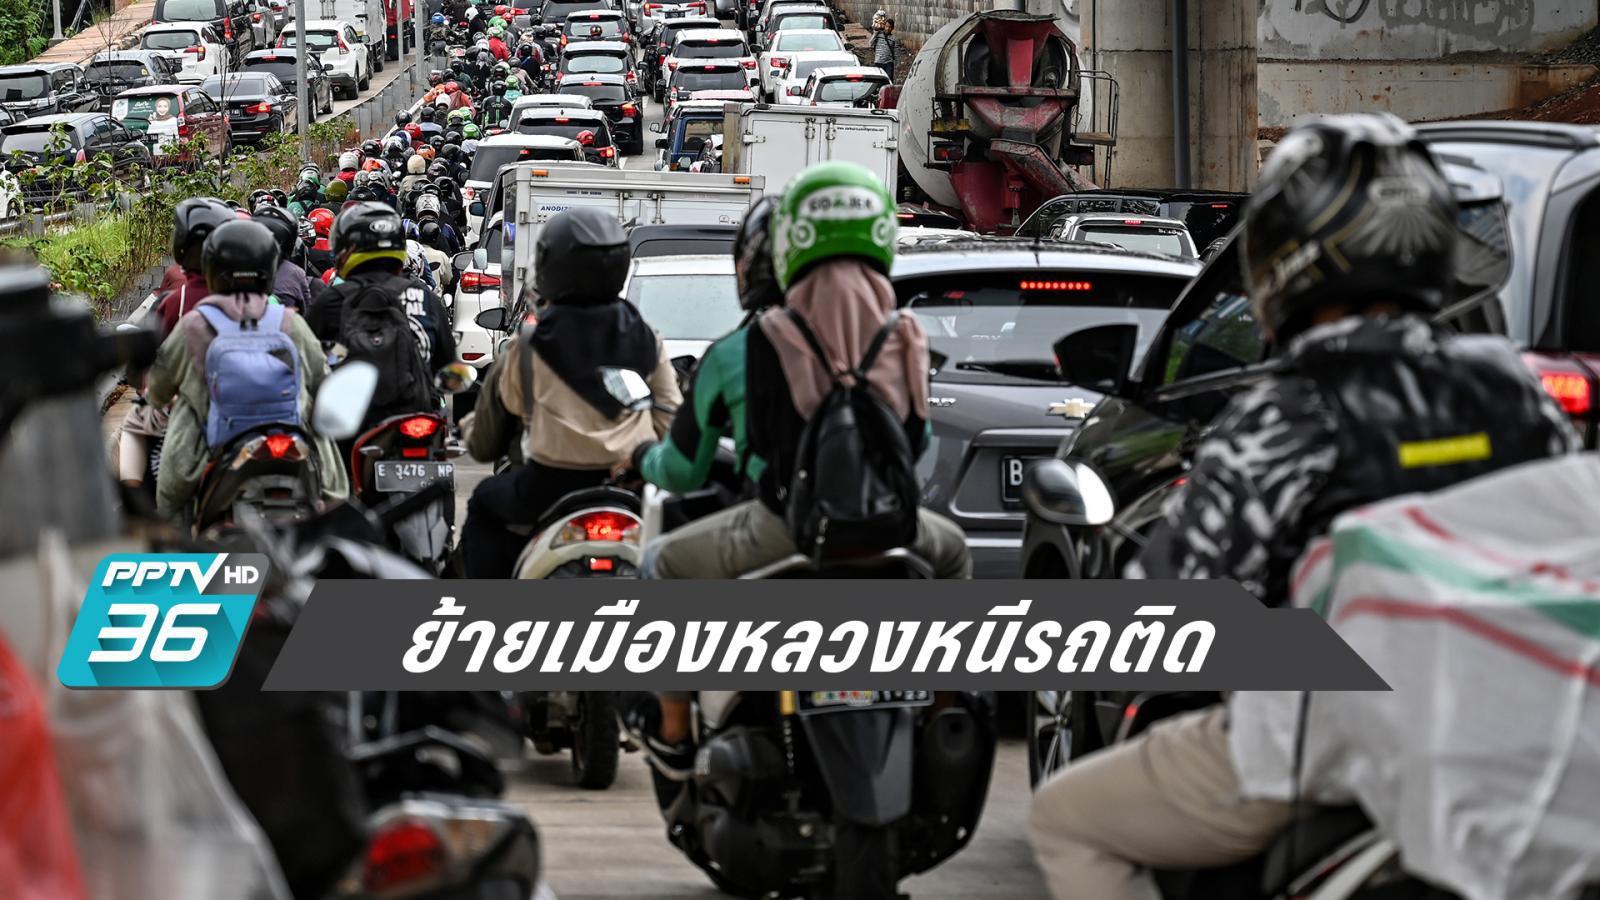 """ย้ายเมืองหลวง !! """"อินโดนีเซีย"""" ผุดแผน หนีรถติด-ความแออัด-เมืองจมน้ำ"""